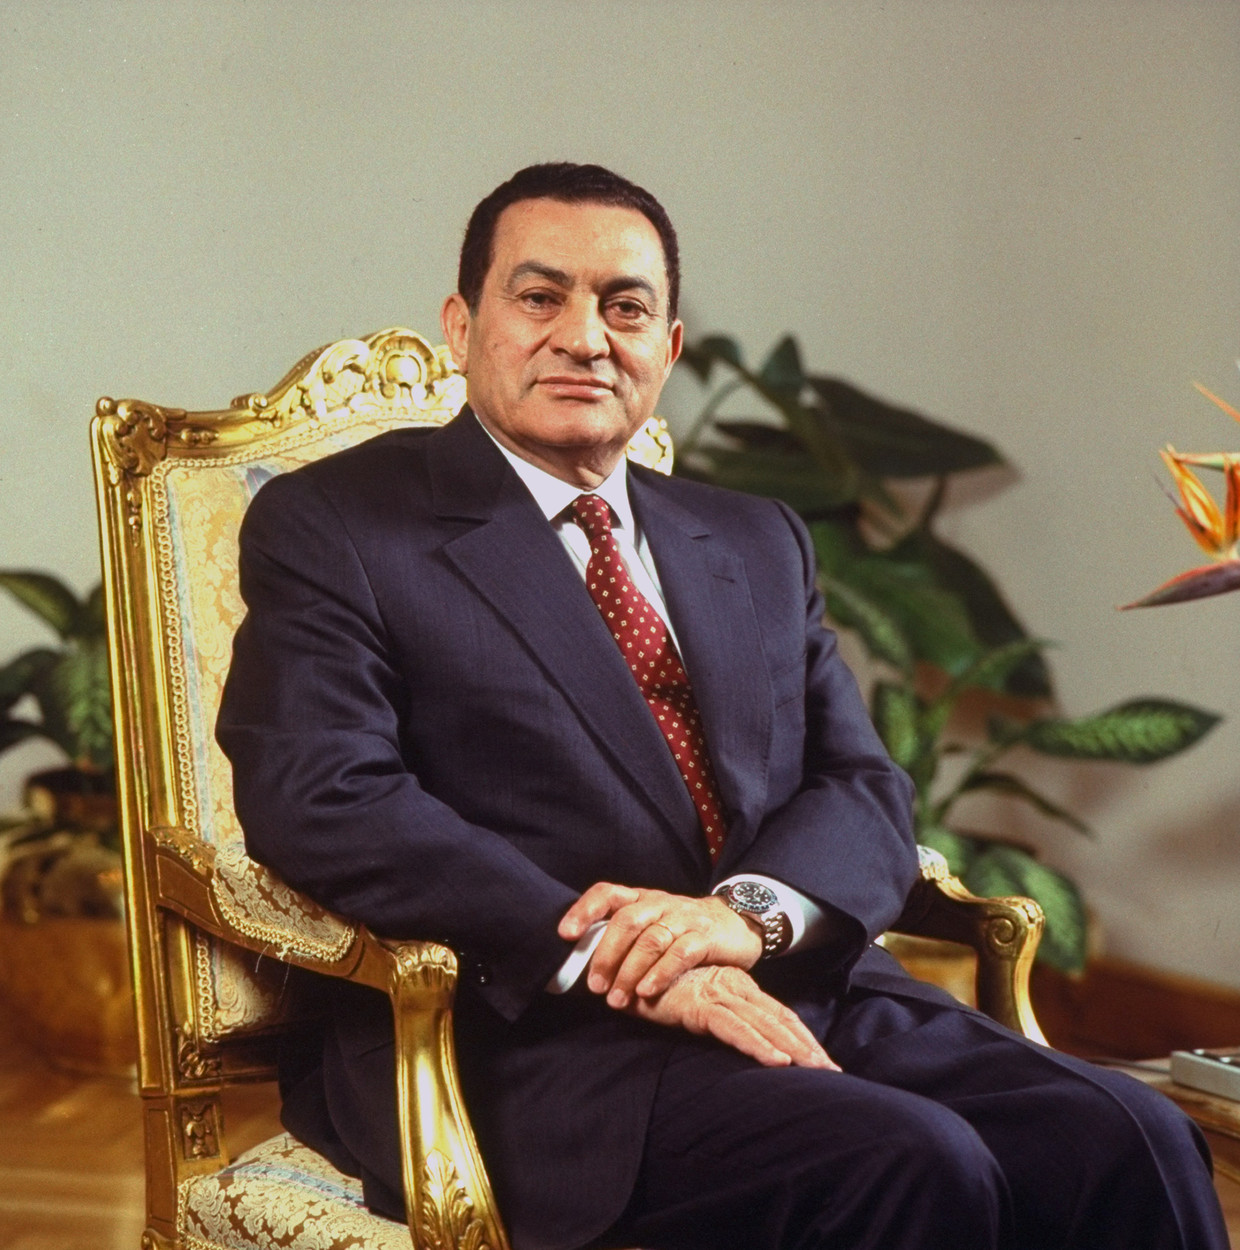 President Mubarak in 1993, toen hij nog nog stevig in het zadel zat. Beeld Getty